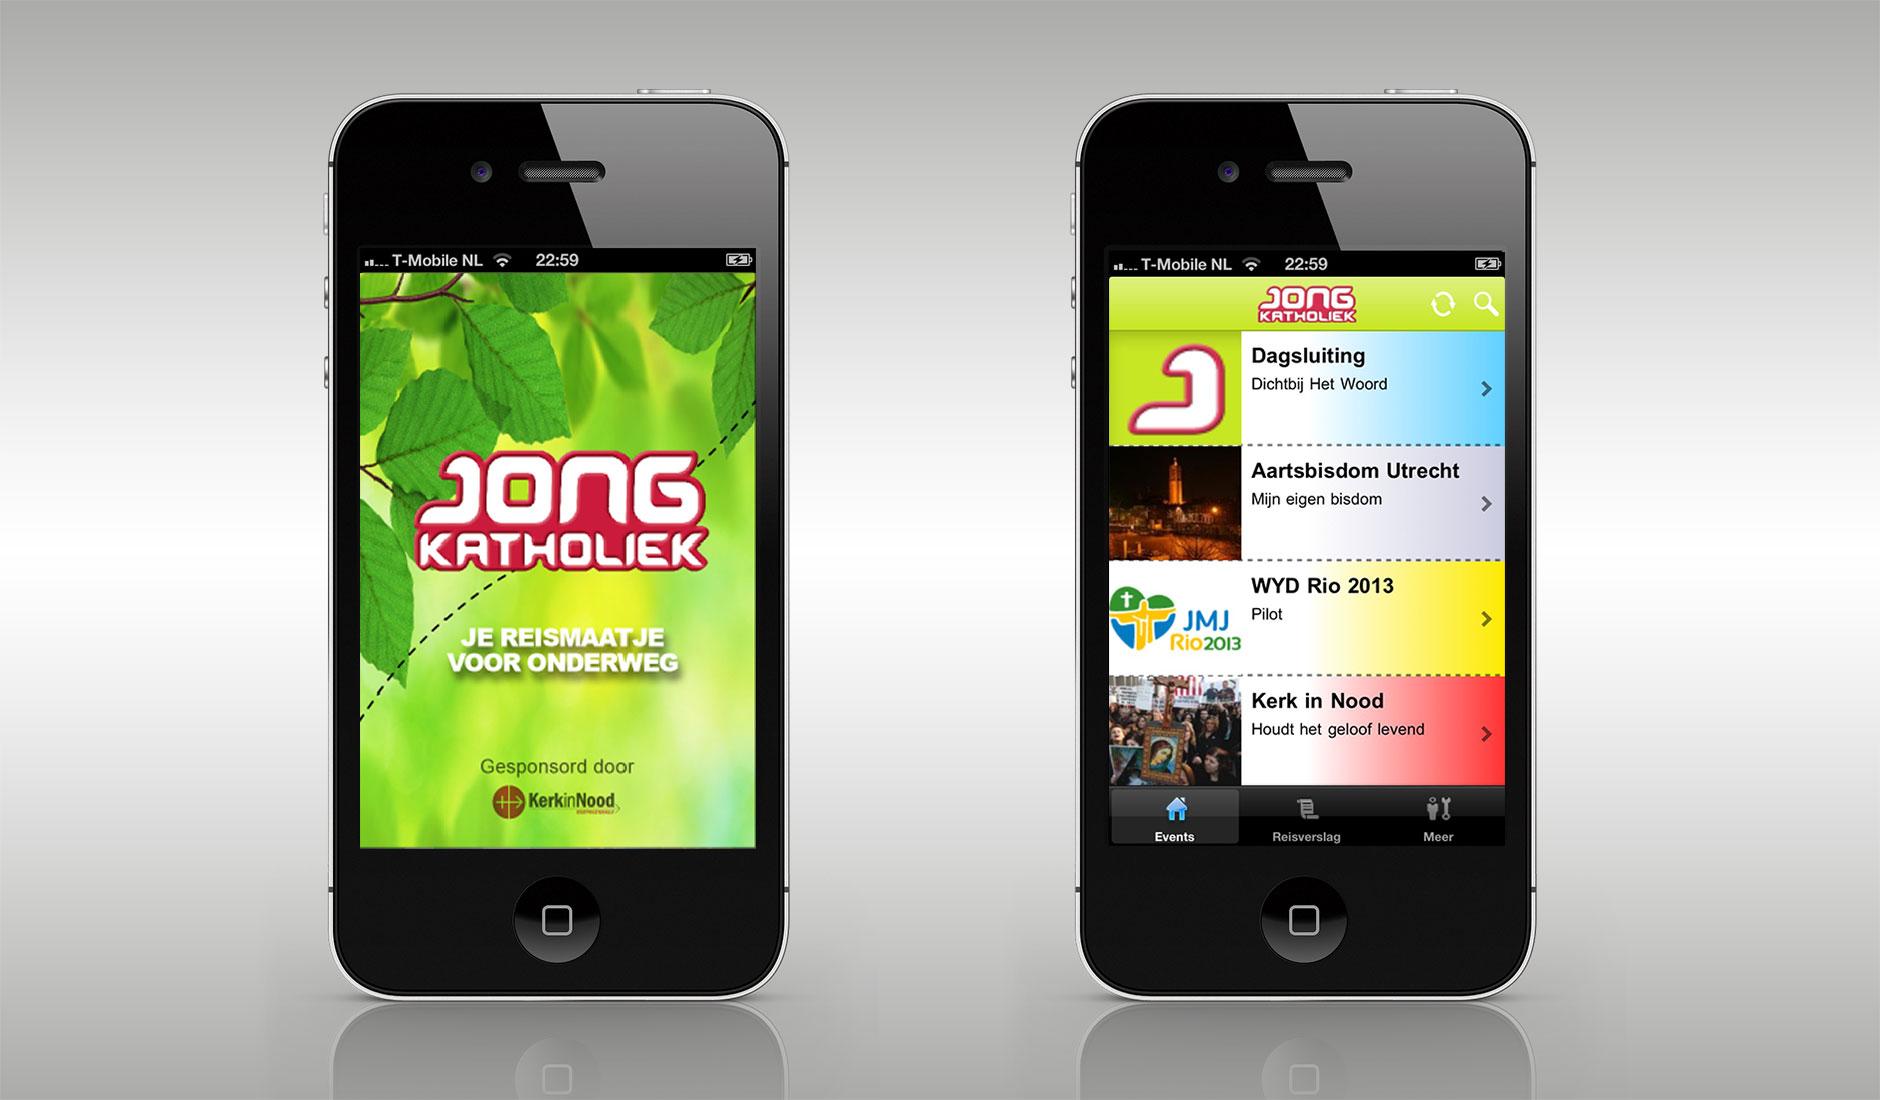 Ontwerp smartphone app Jong Katholoiek. Je reismaatje voor onderweg. Splashscreen en menuscherm